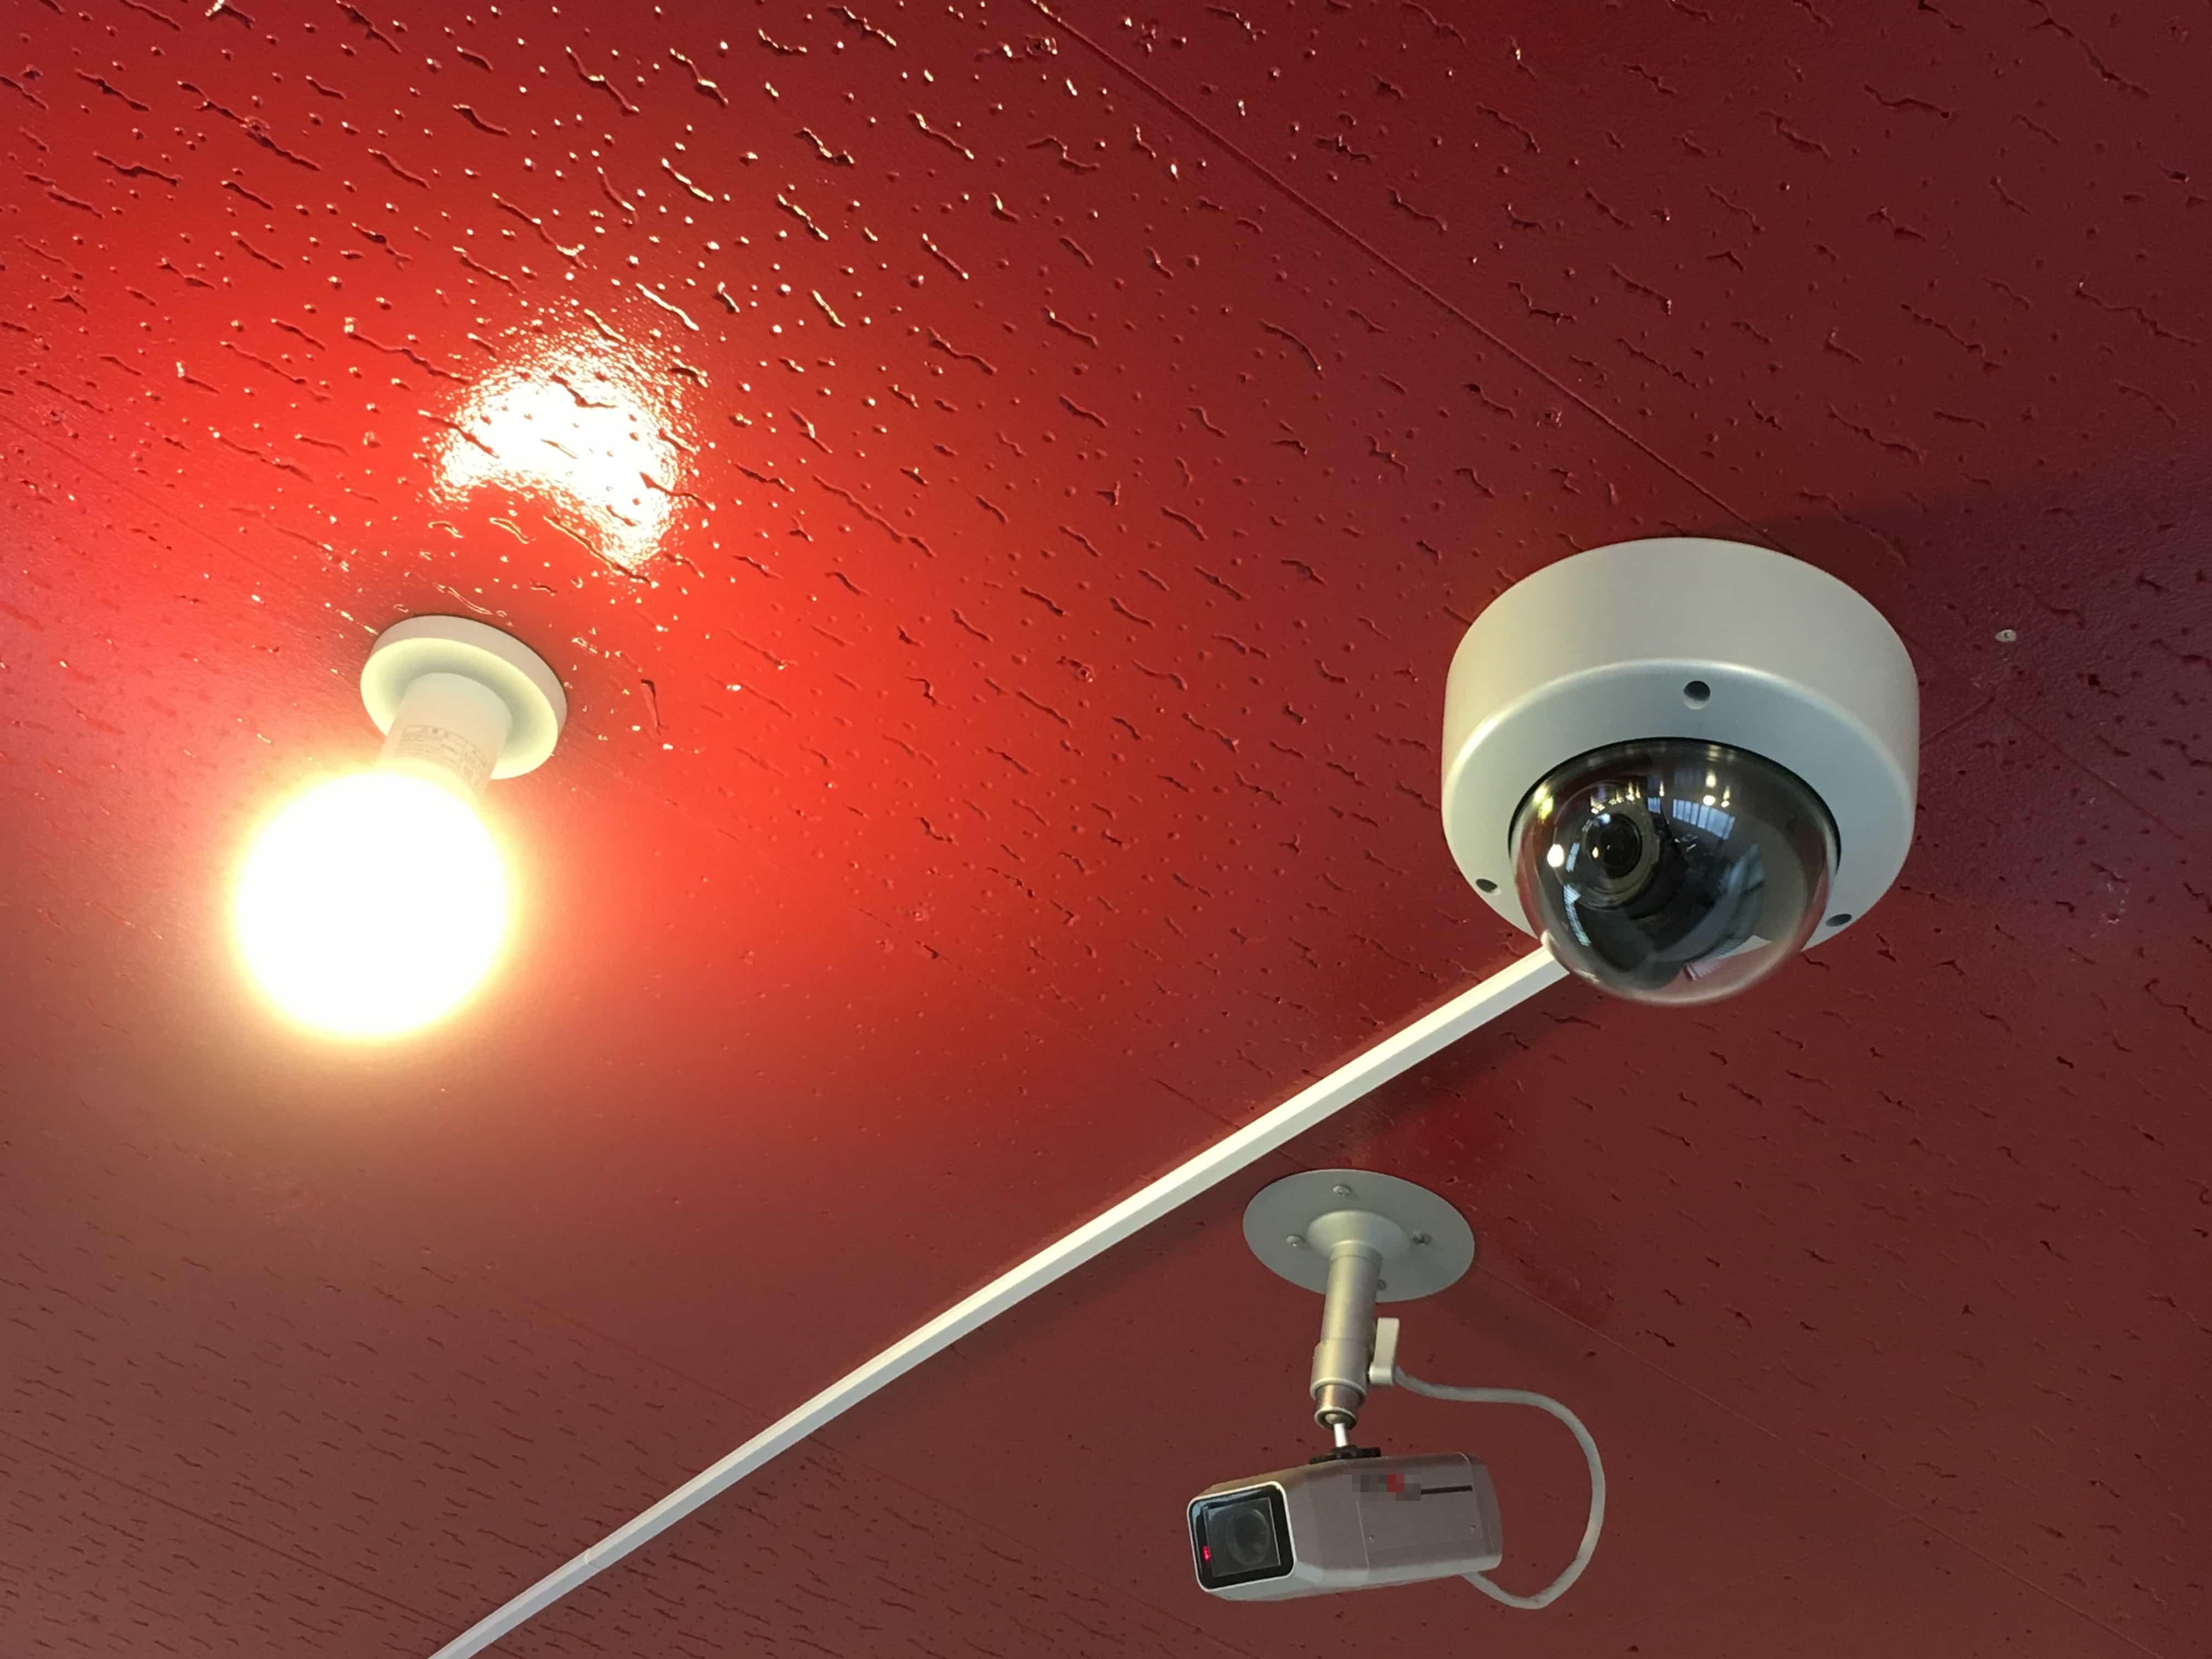 既存のカメラとおよそ同じ位置に設置しました。カメラからの信号がアナログ信号がデジタル信号に変わることで,パソコン上でスムーズに管理できるようになりました。